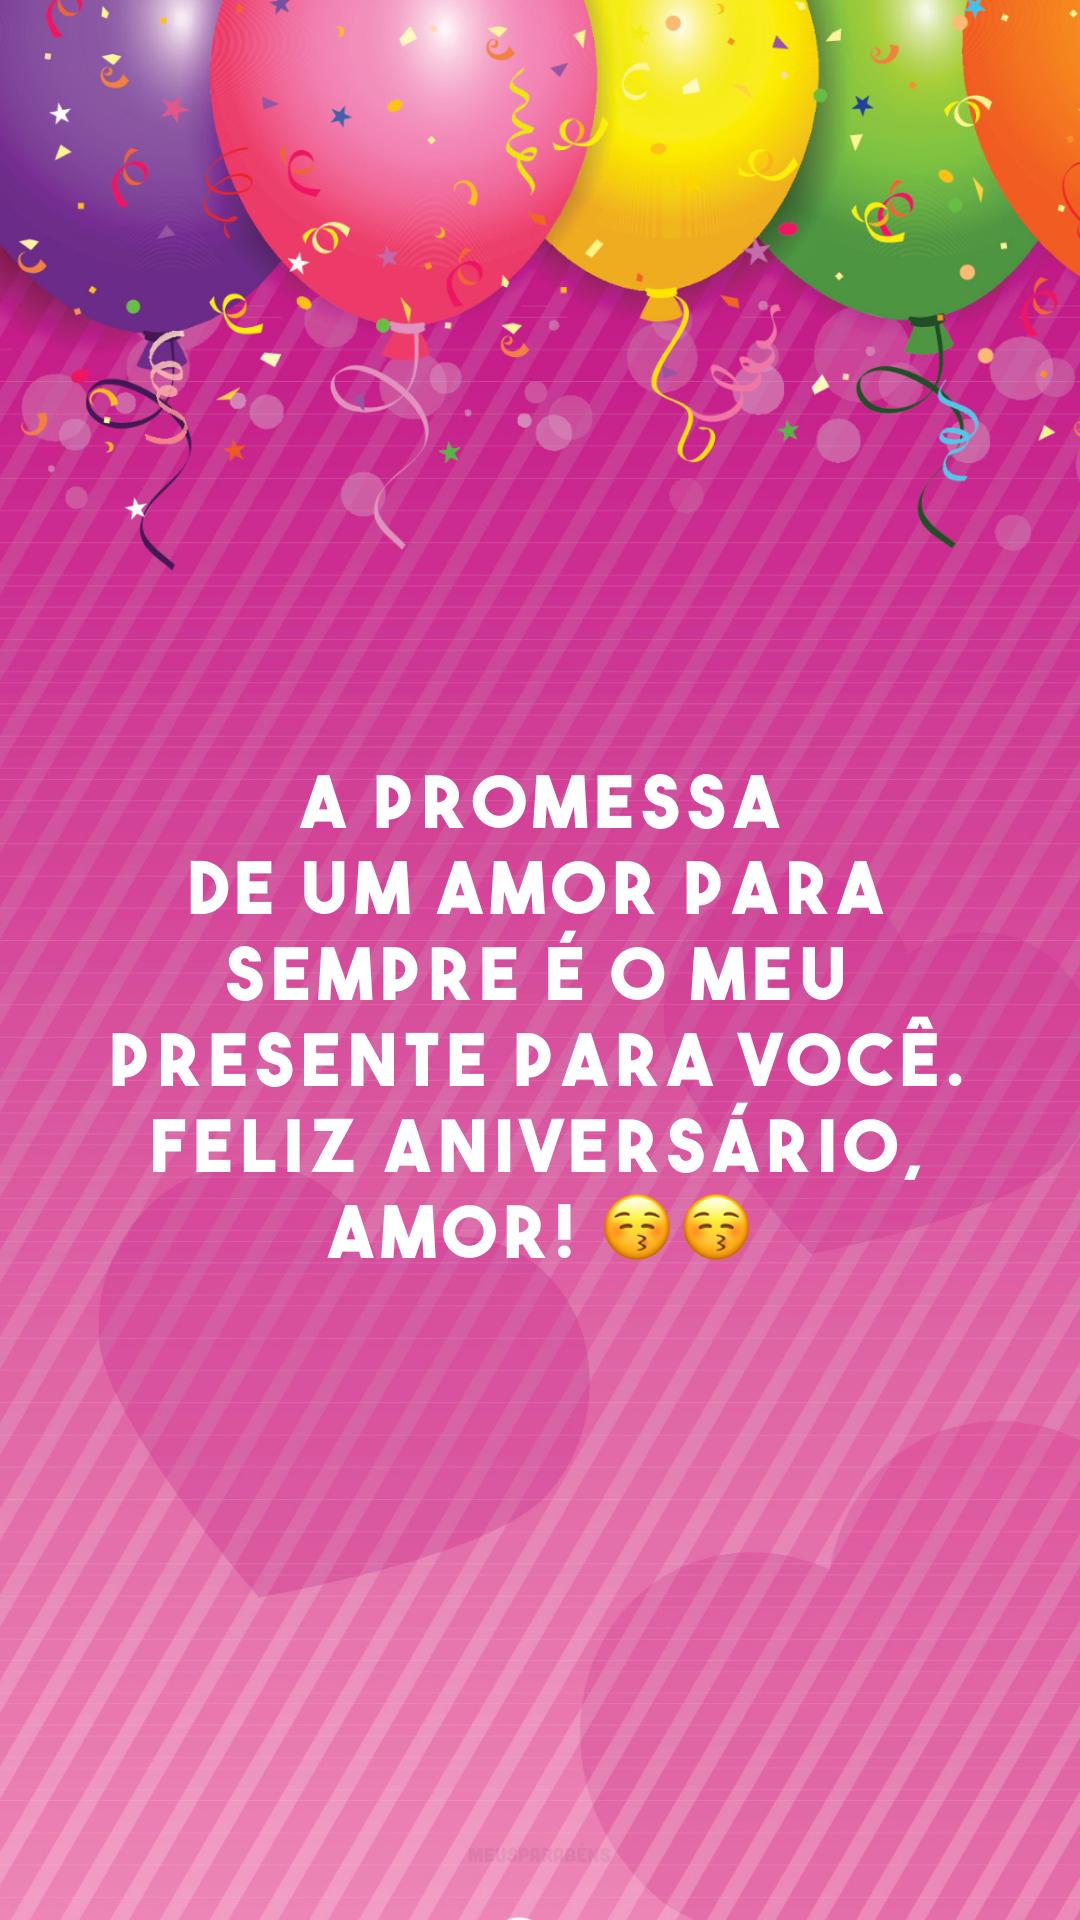 A promessa de um amor para sempre é o meu presente para você. Feliz aniversário, amor! 😚😚